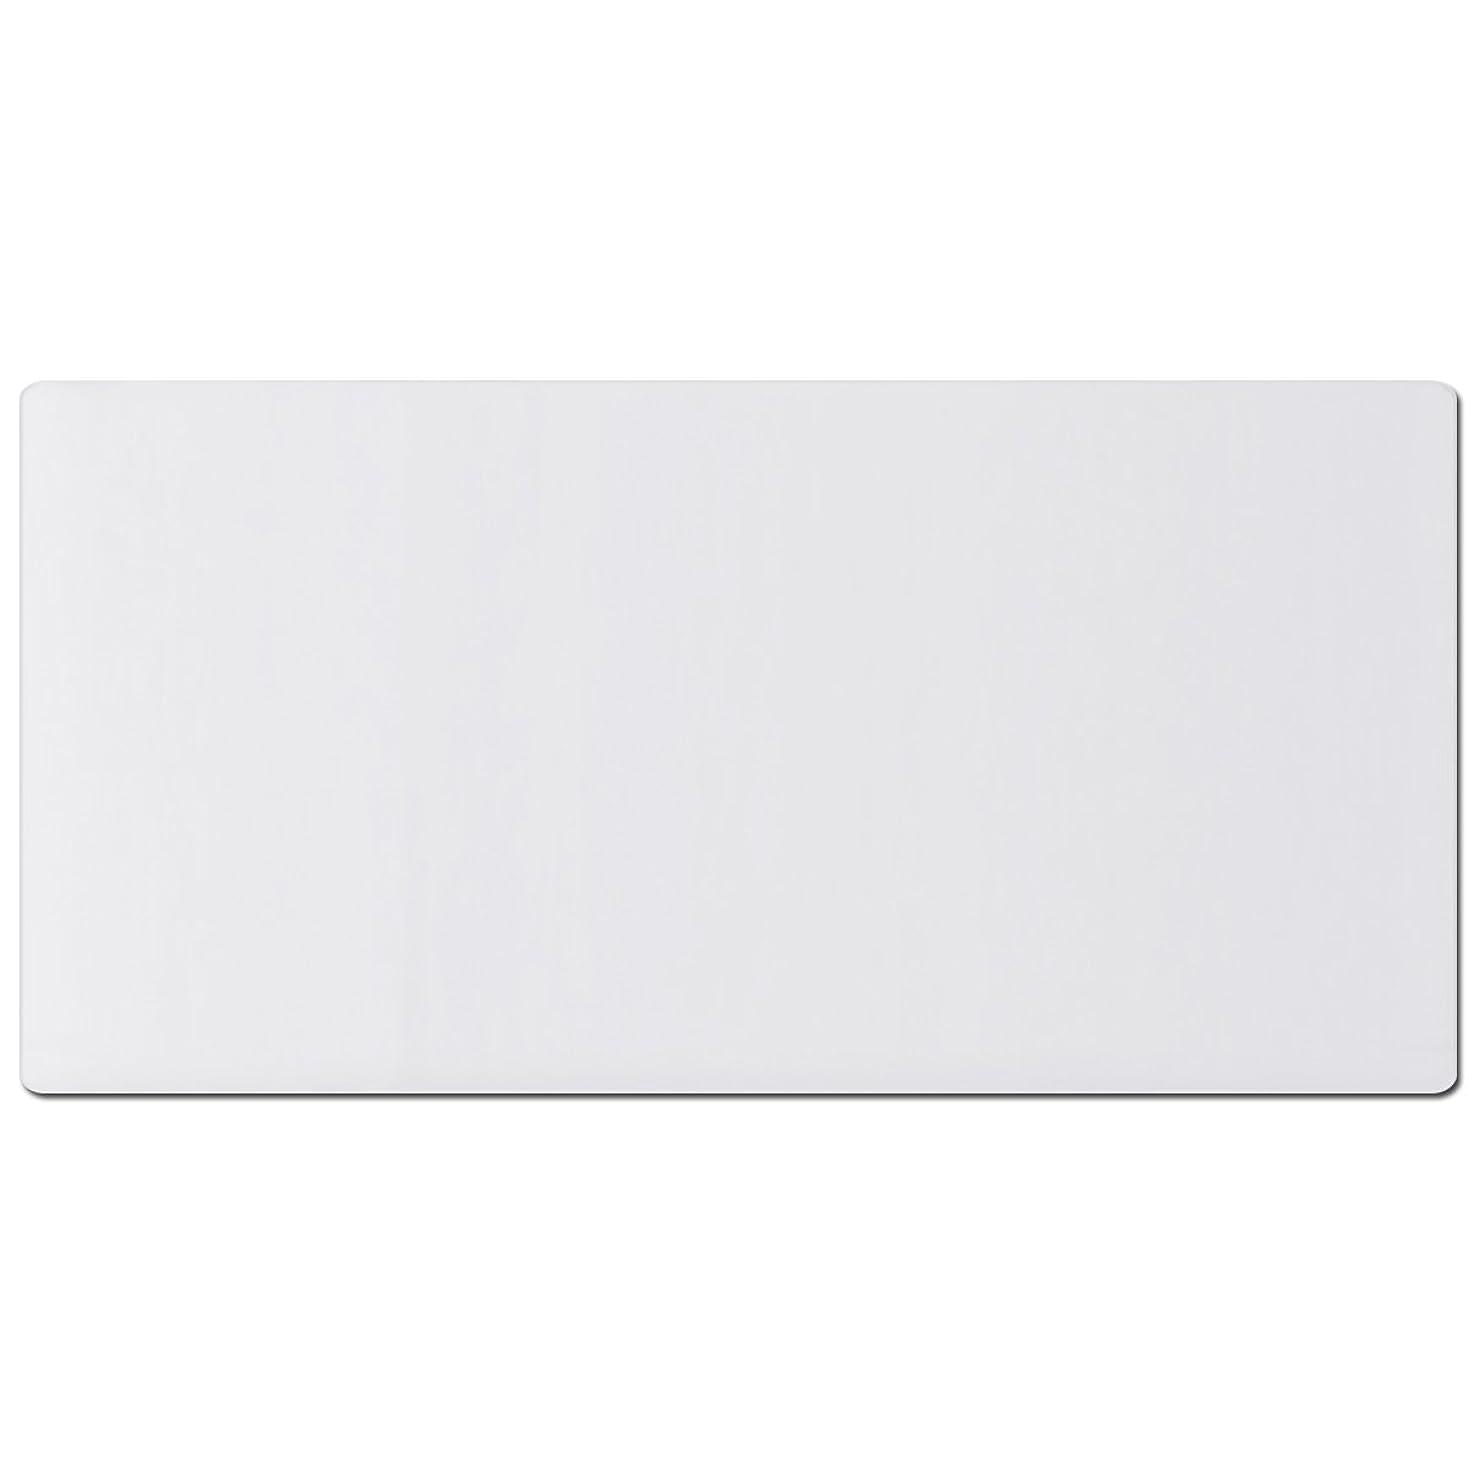 追放等々批判的ottostyle.jp デスクマット 120×60cm クリア 透明 厚さ1.5mm 反射しにくいエンボス加工